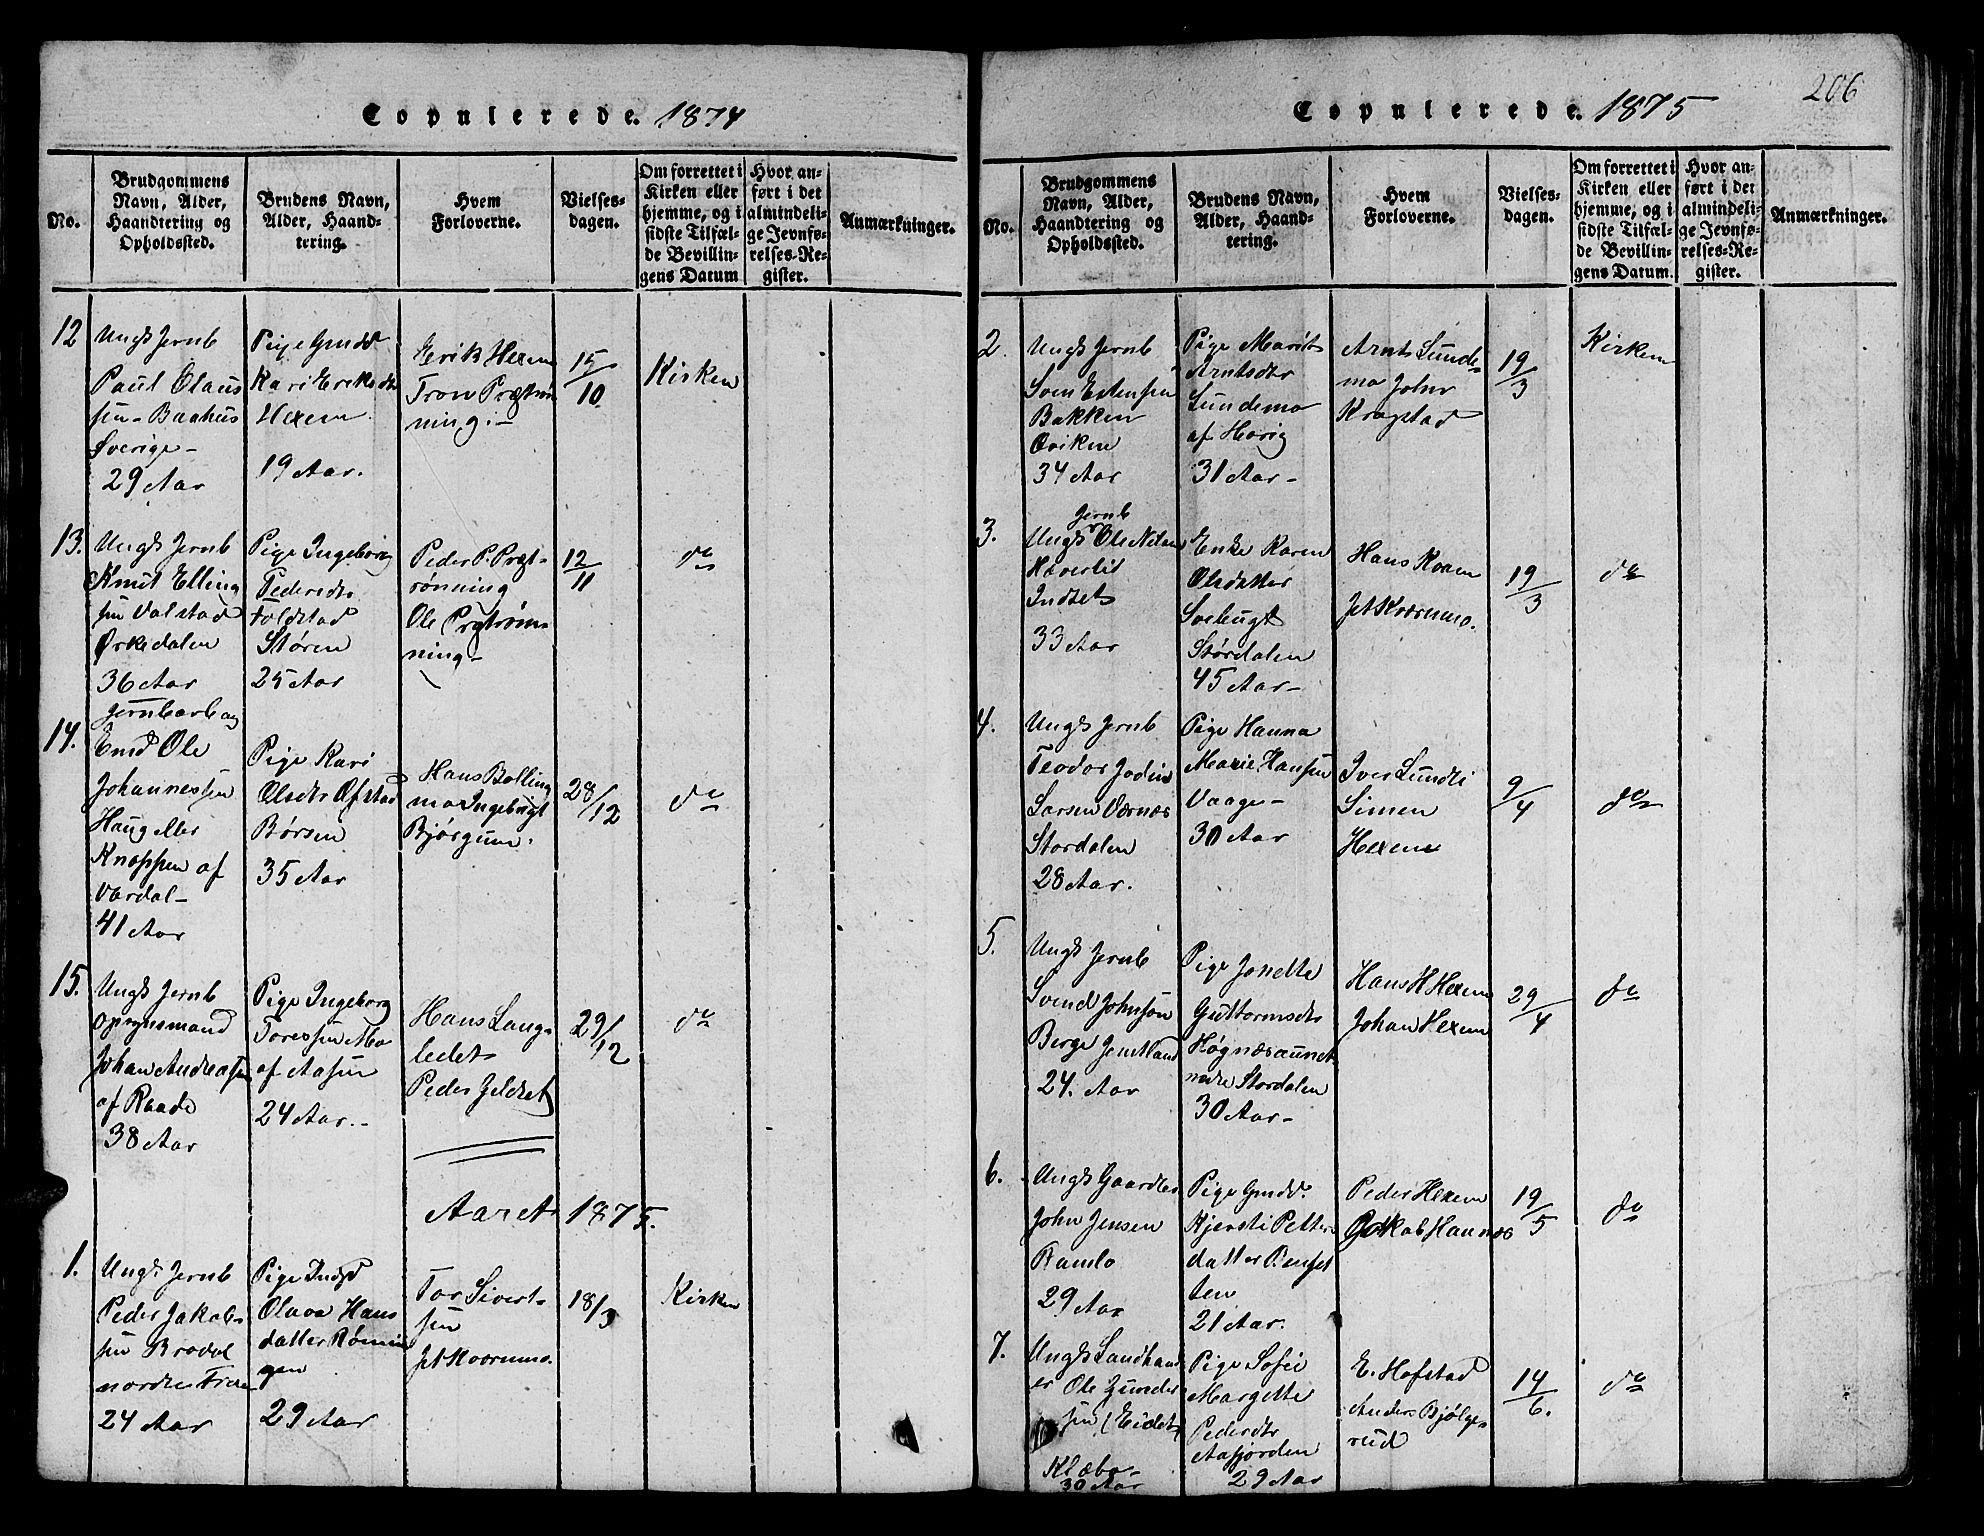 SAT, Ministerialprotokoller, klokkerbøker og fødselsregistre - Sør-Trøndelag, 685/L0976: Klokkerbok nr. 685C01, 1817-1878, s. 206